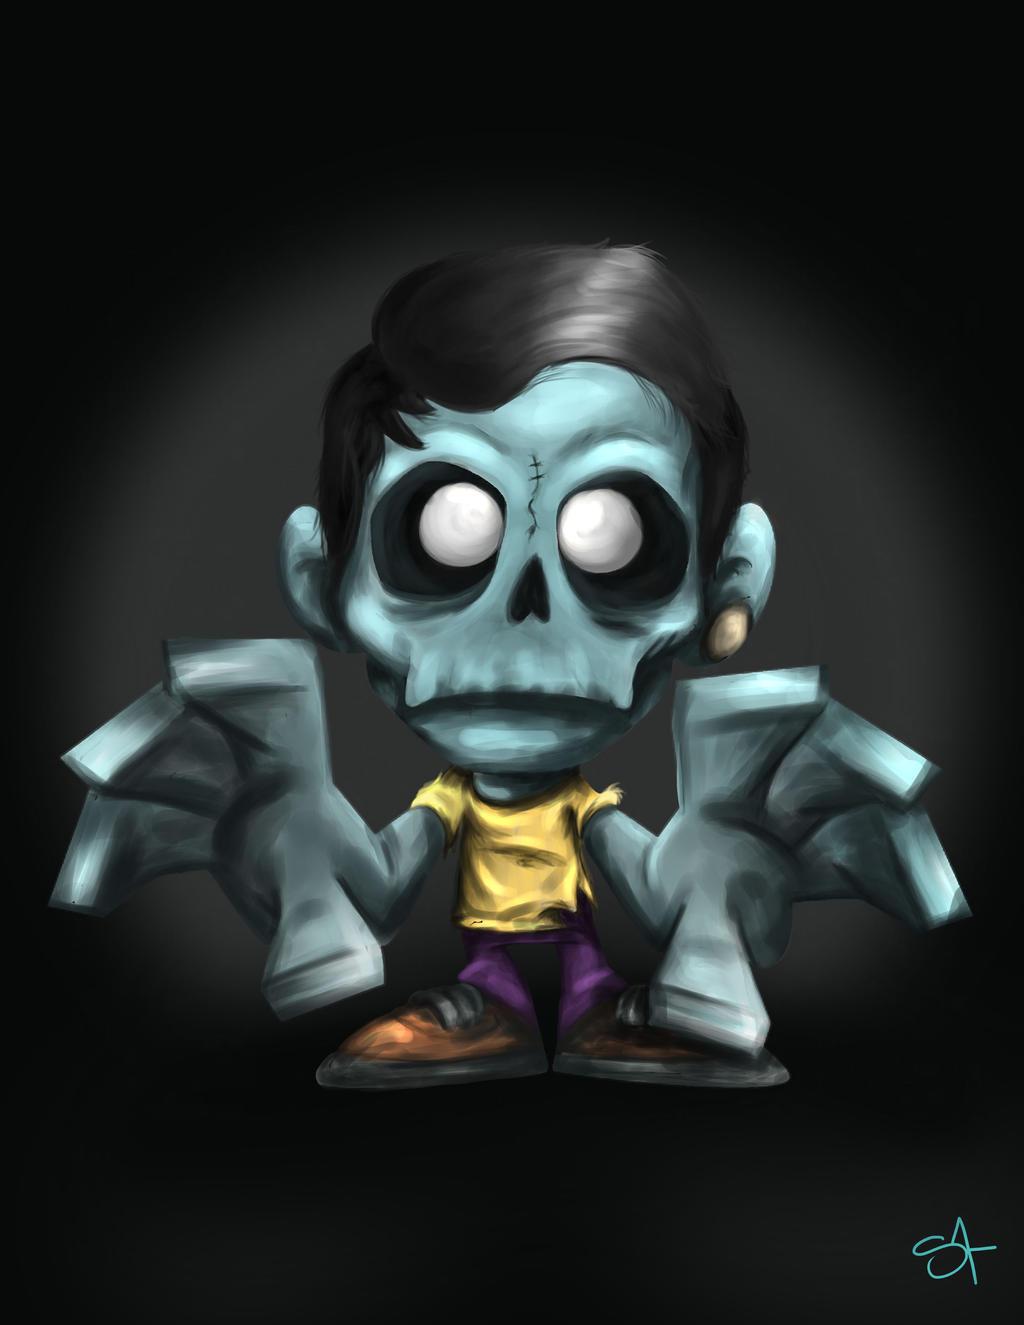 Wallpaper iphone zomboy - Zomboy Fan Art By Sofiaaviles Zomboy Fan Art By Sofiaaviles